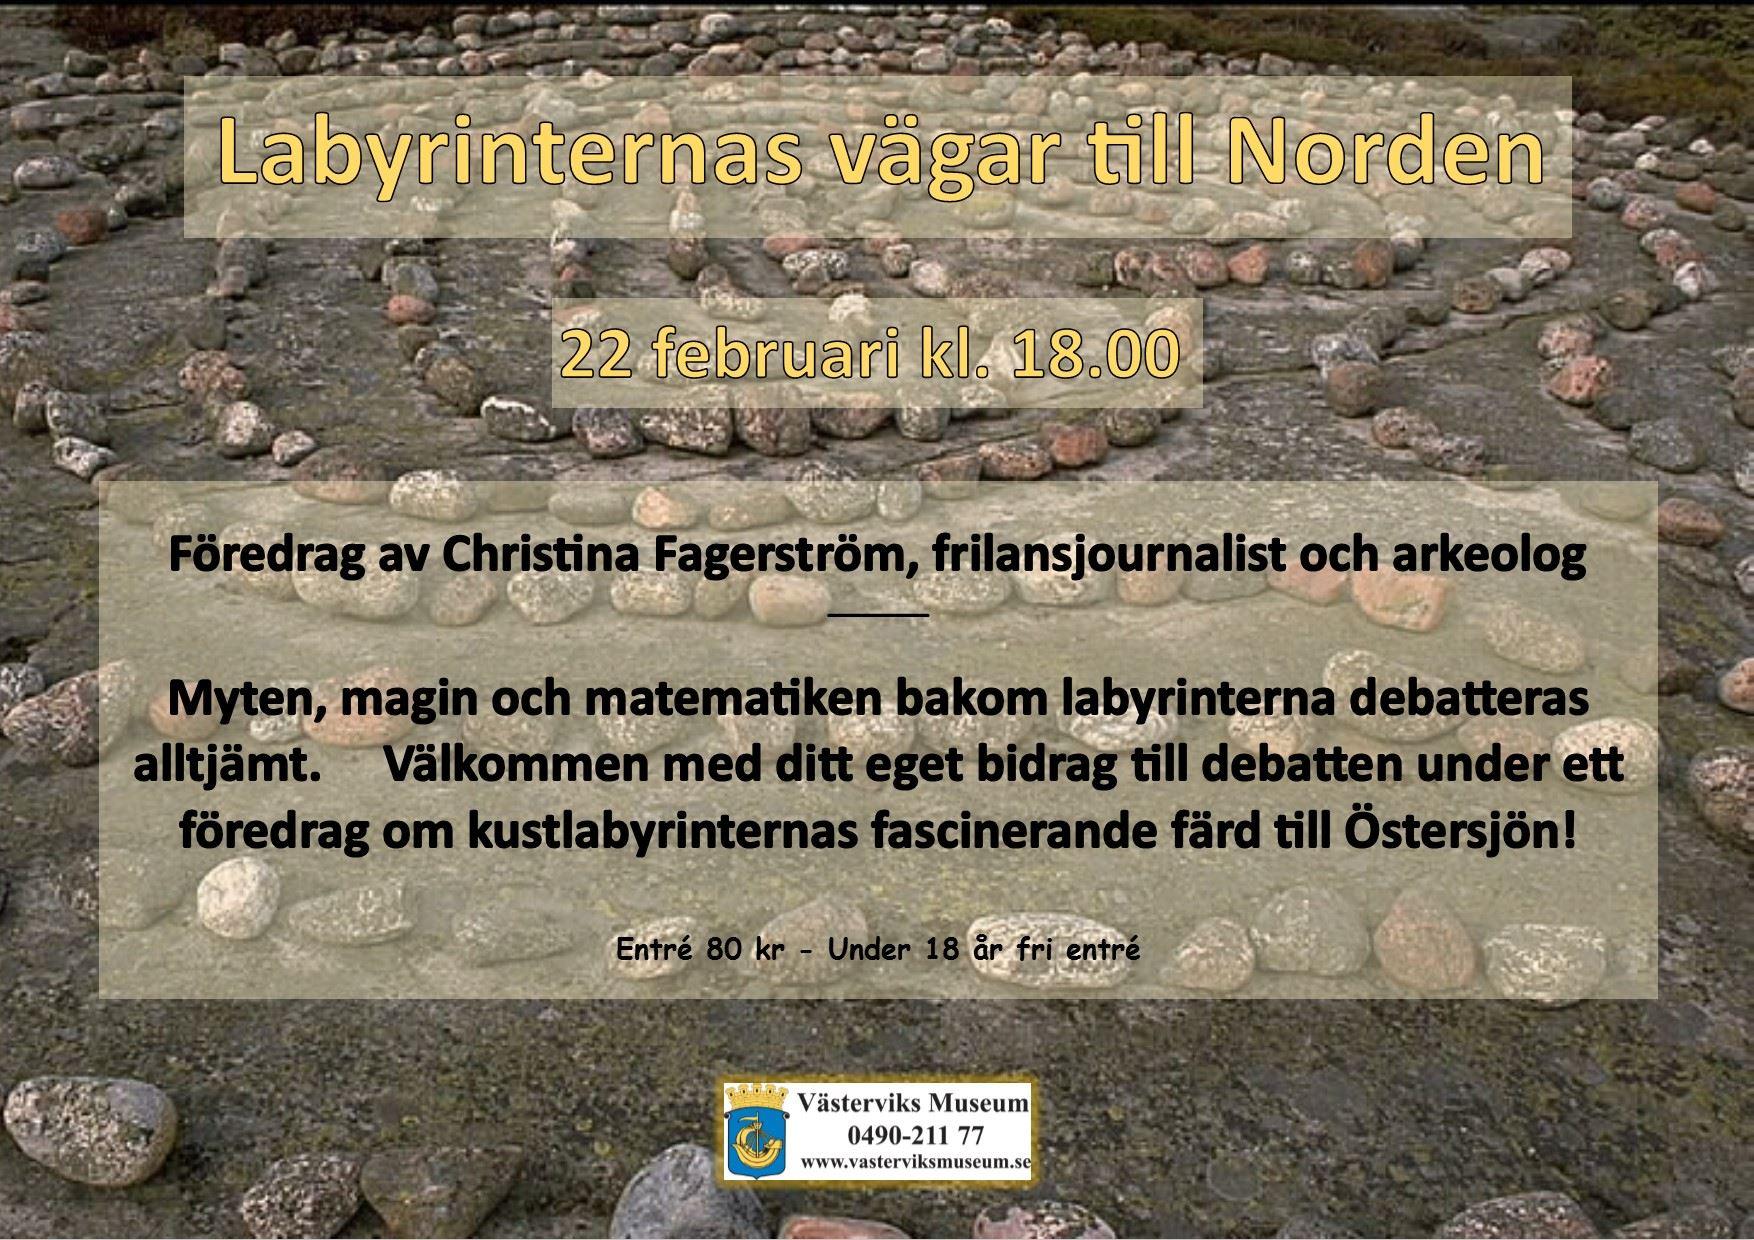 Labyrinternas vägar till Norden